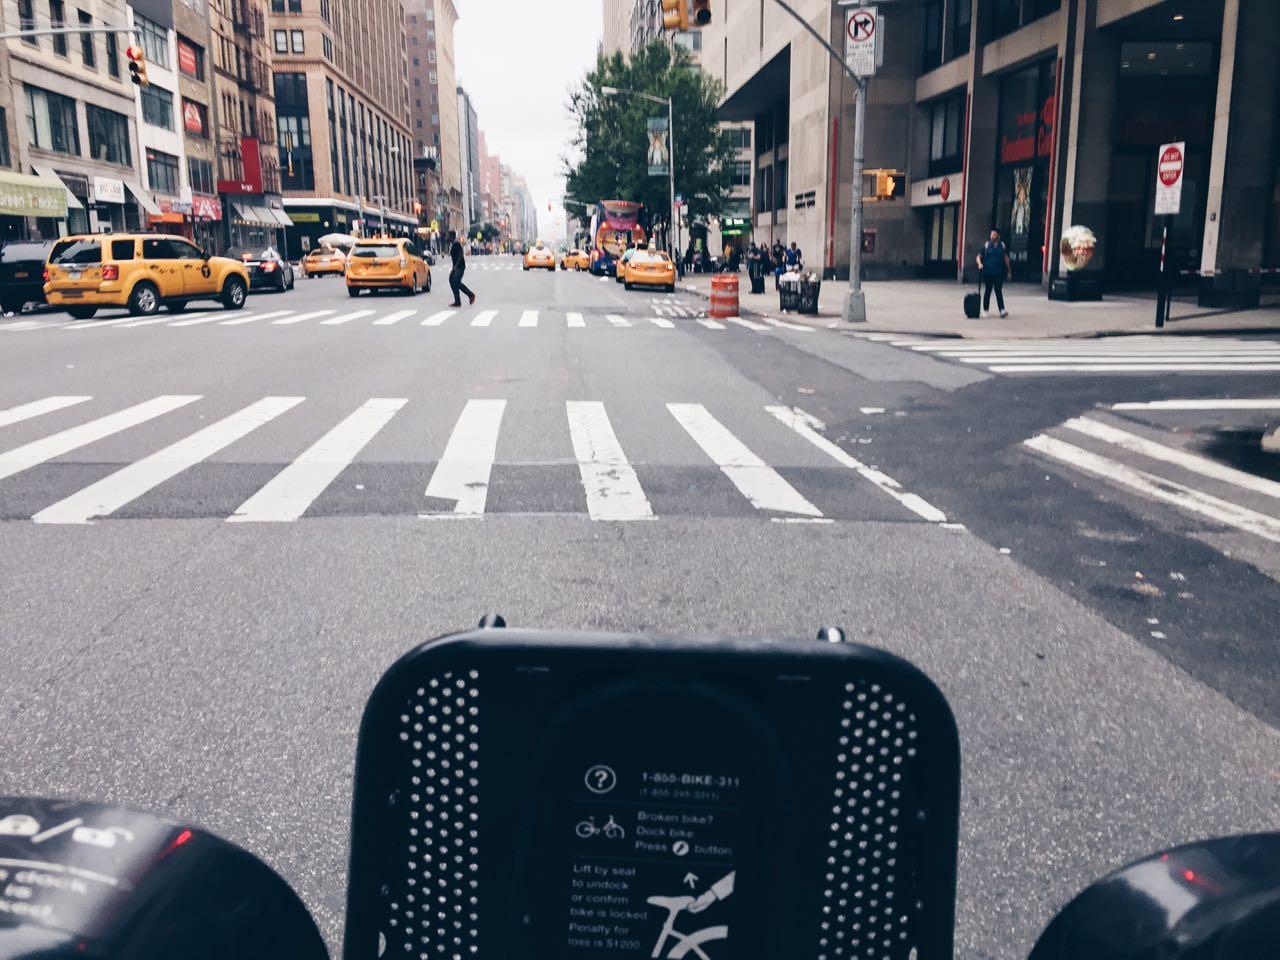 Wochenende in New York Sightseeingtipps und Spartipps mamawahnsinnhochdrei Mamablog